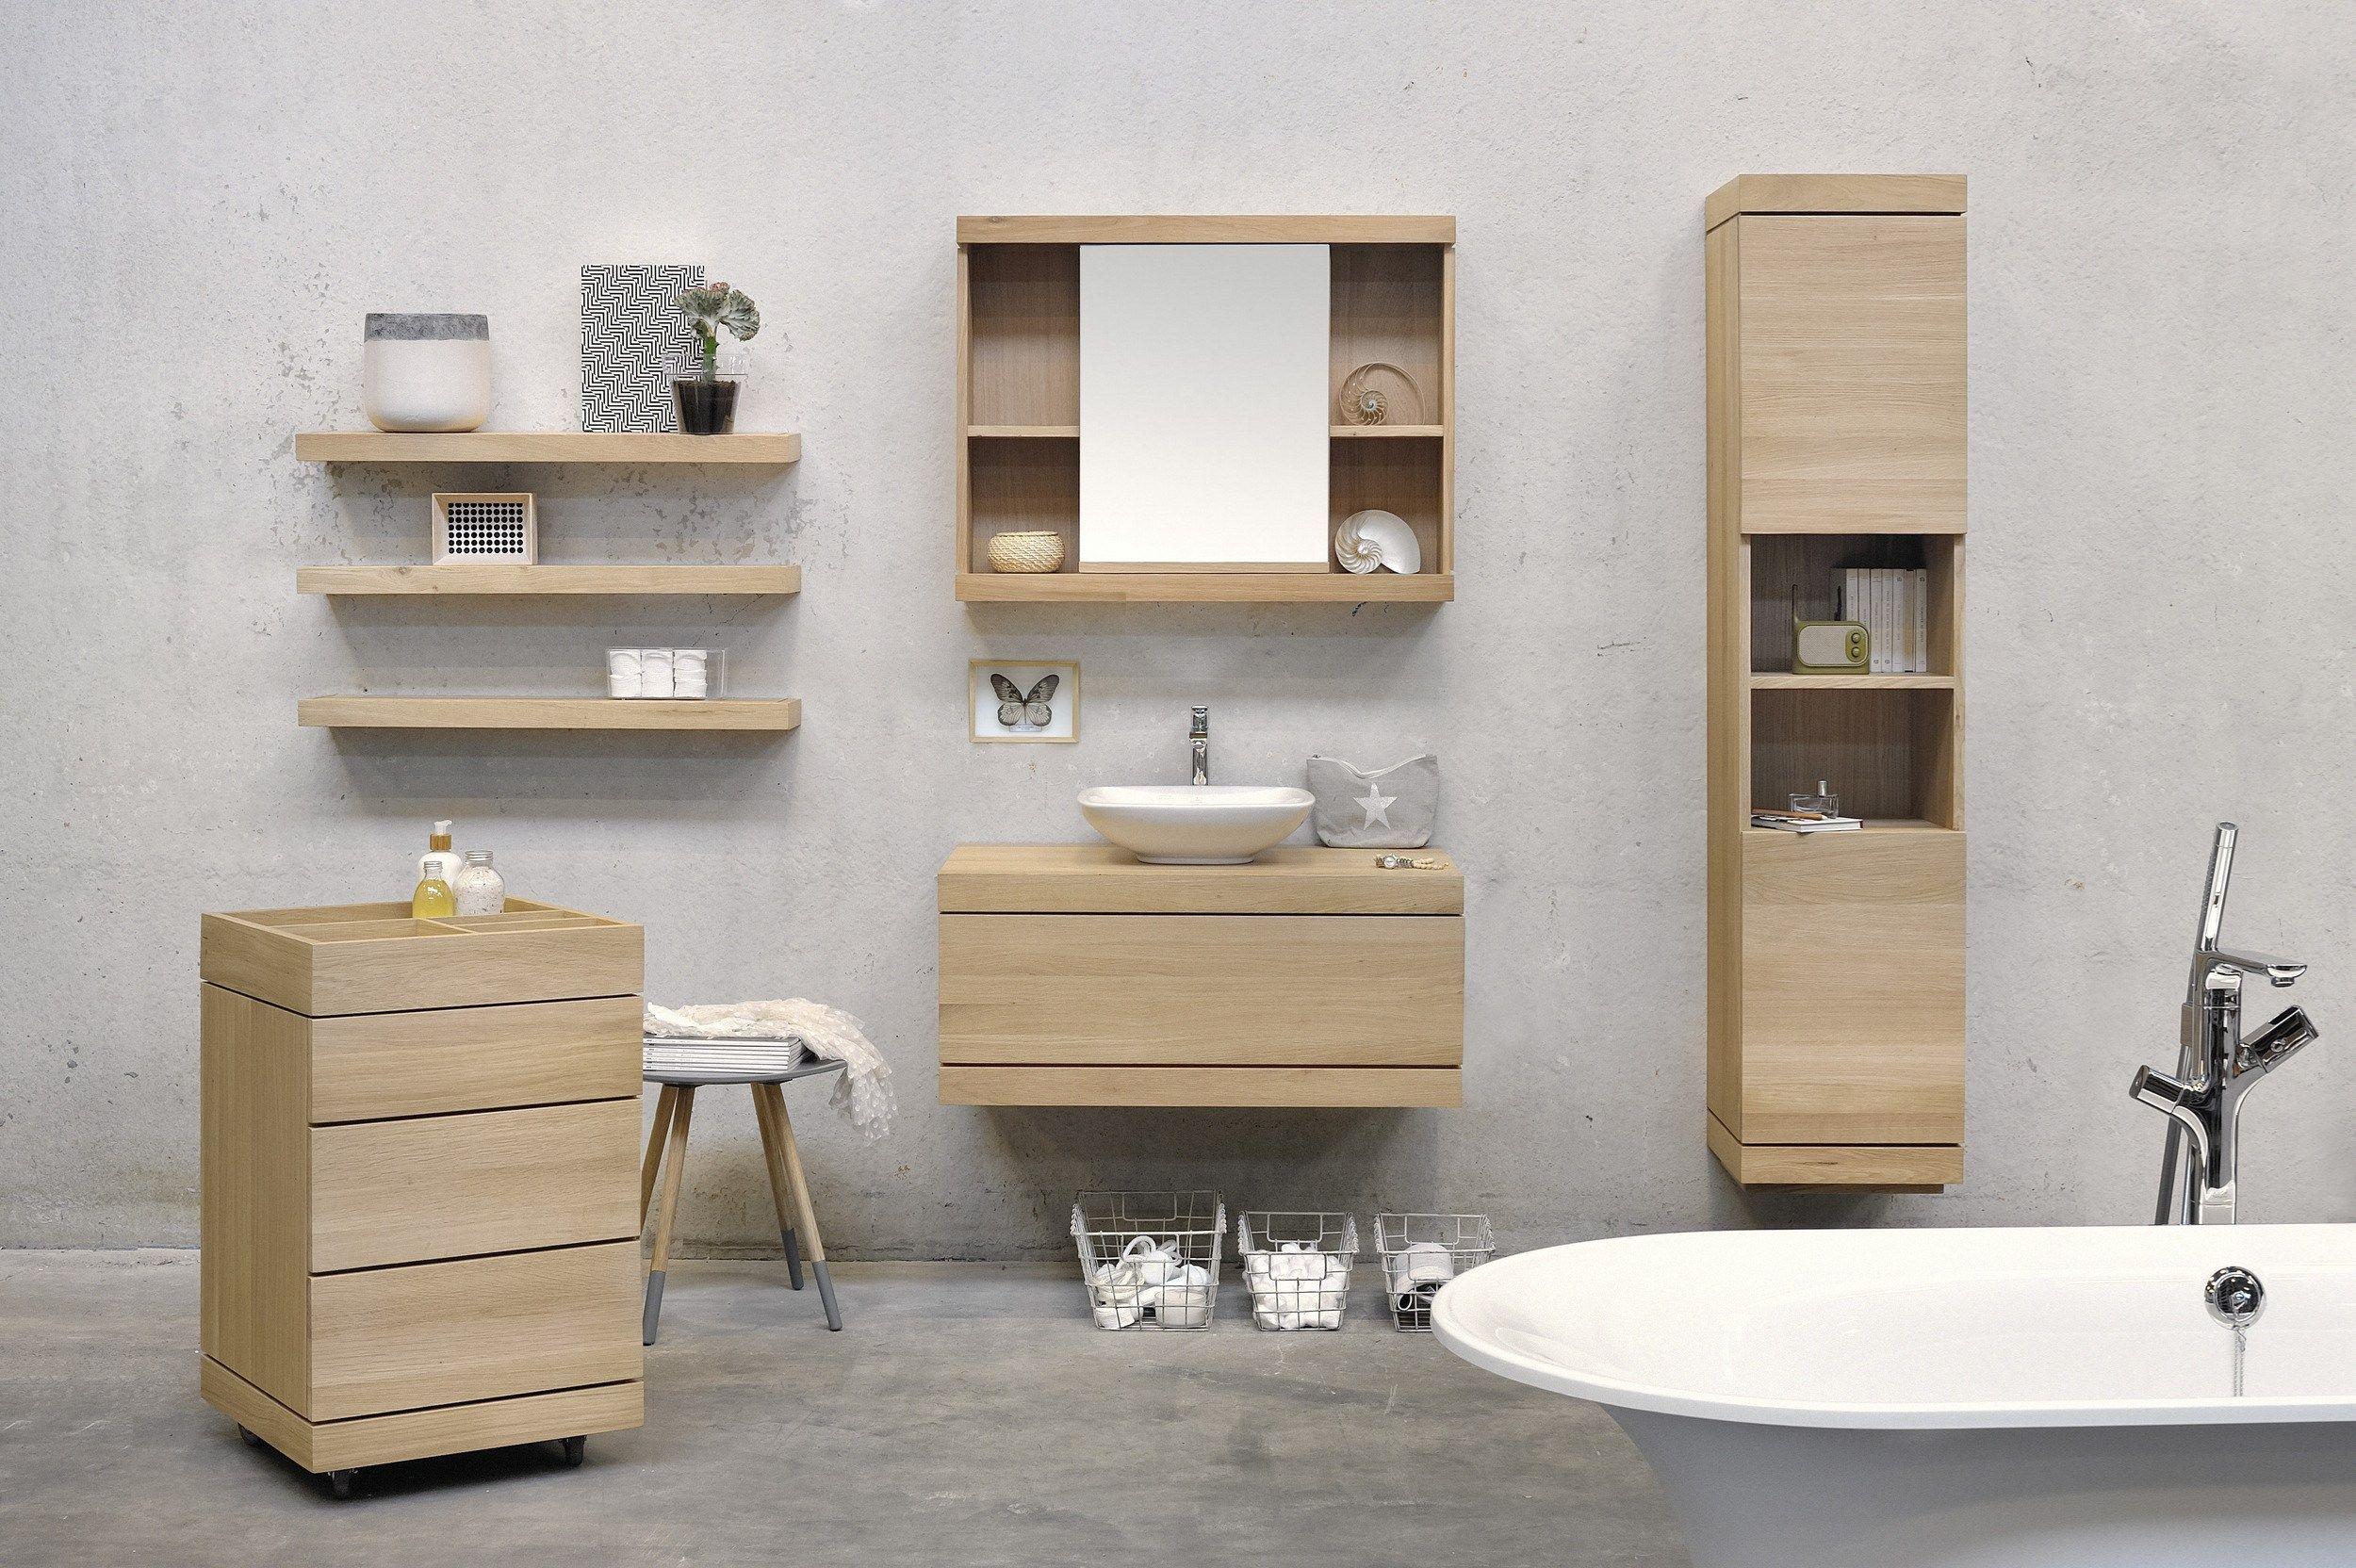 oak cadence vanity unit by ethnicraft. Black Bedroom Furniture Sets. Home Design Ideas